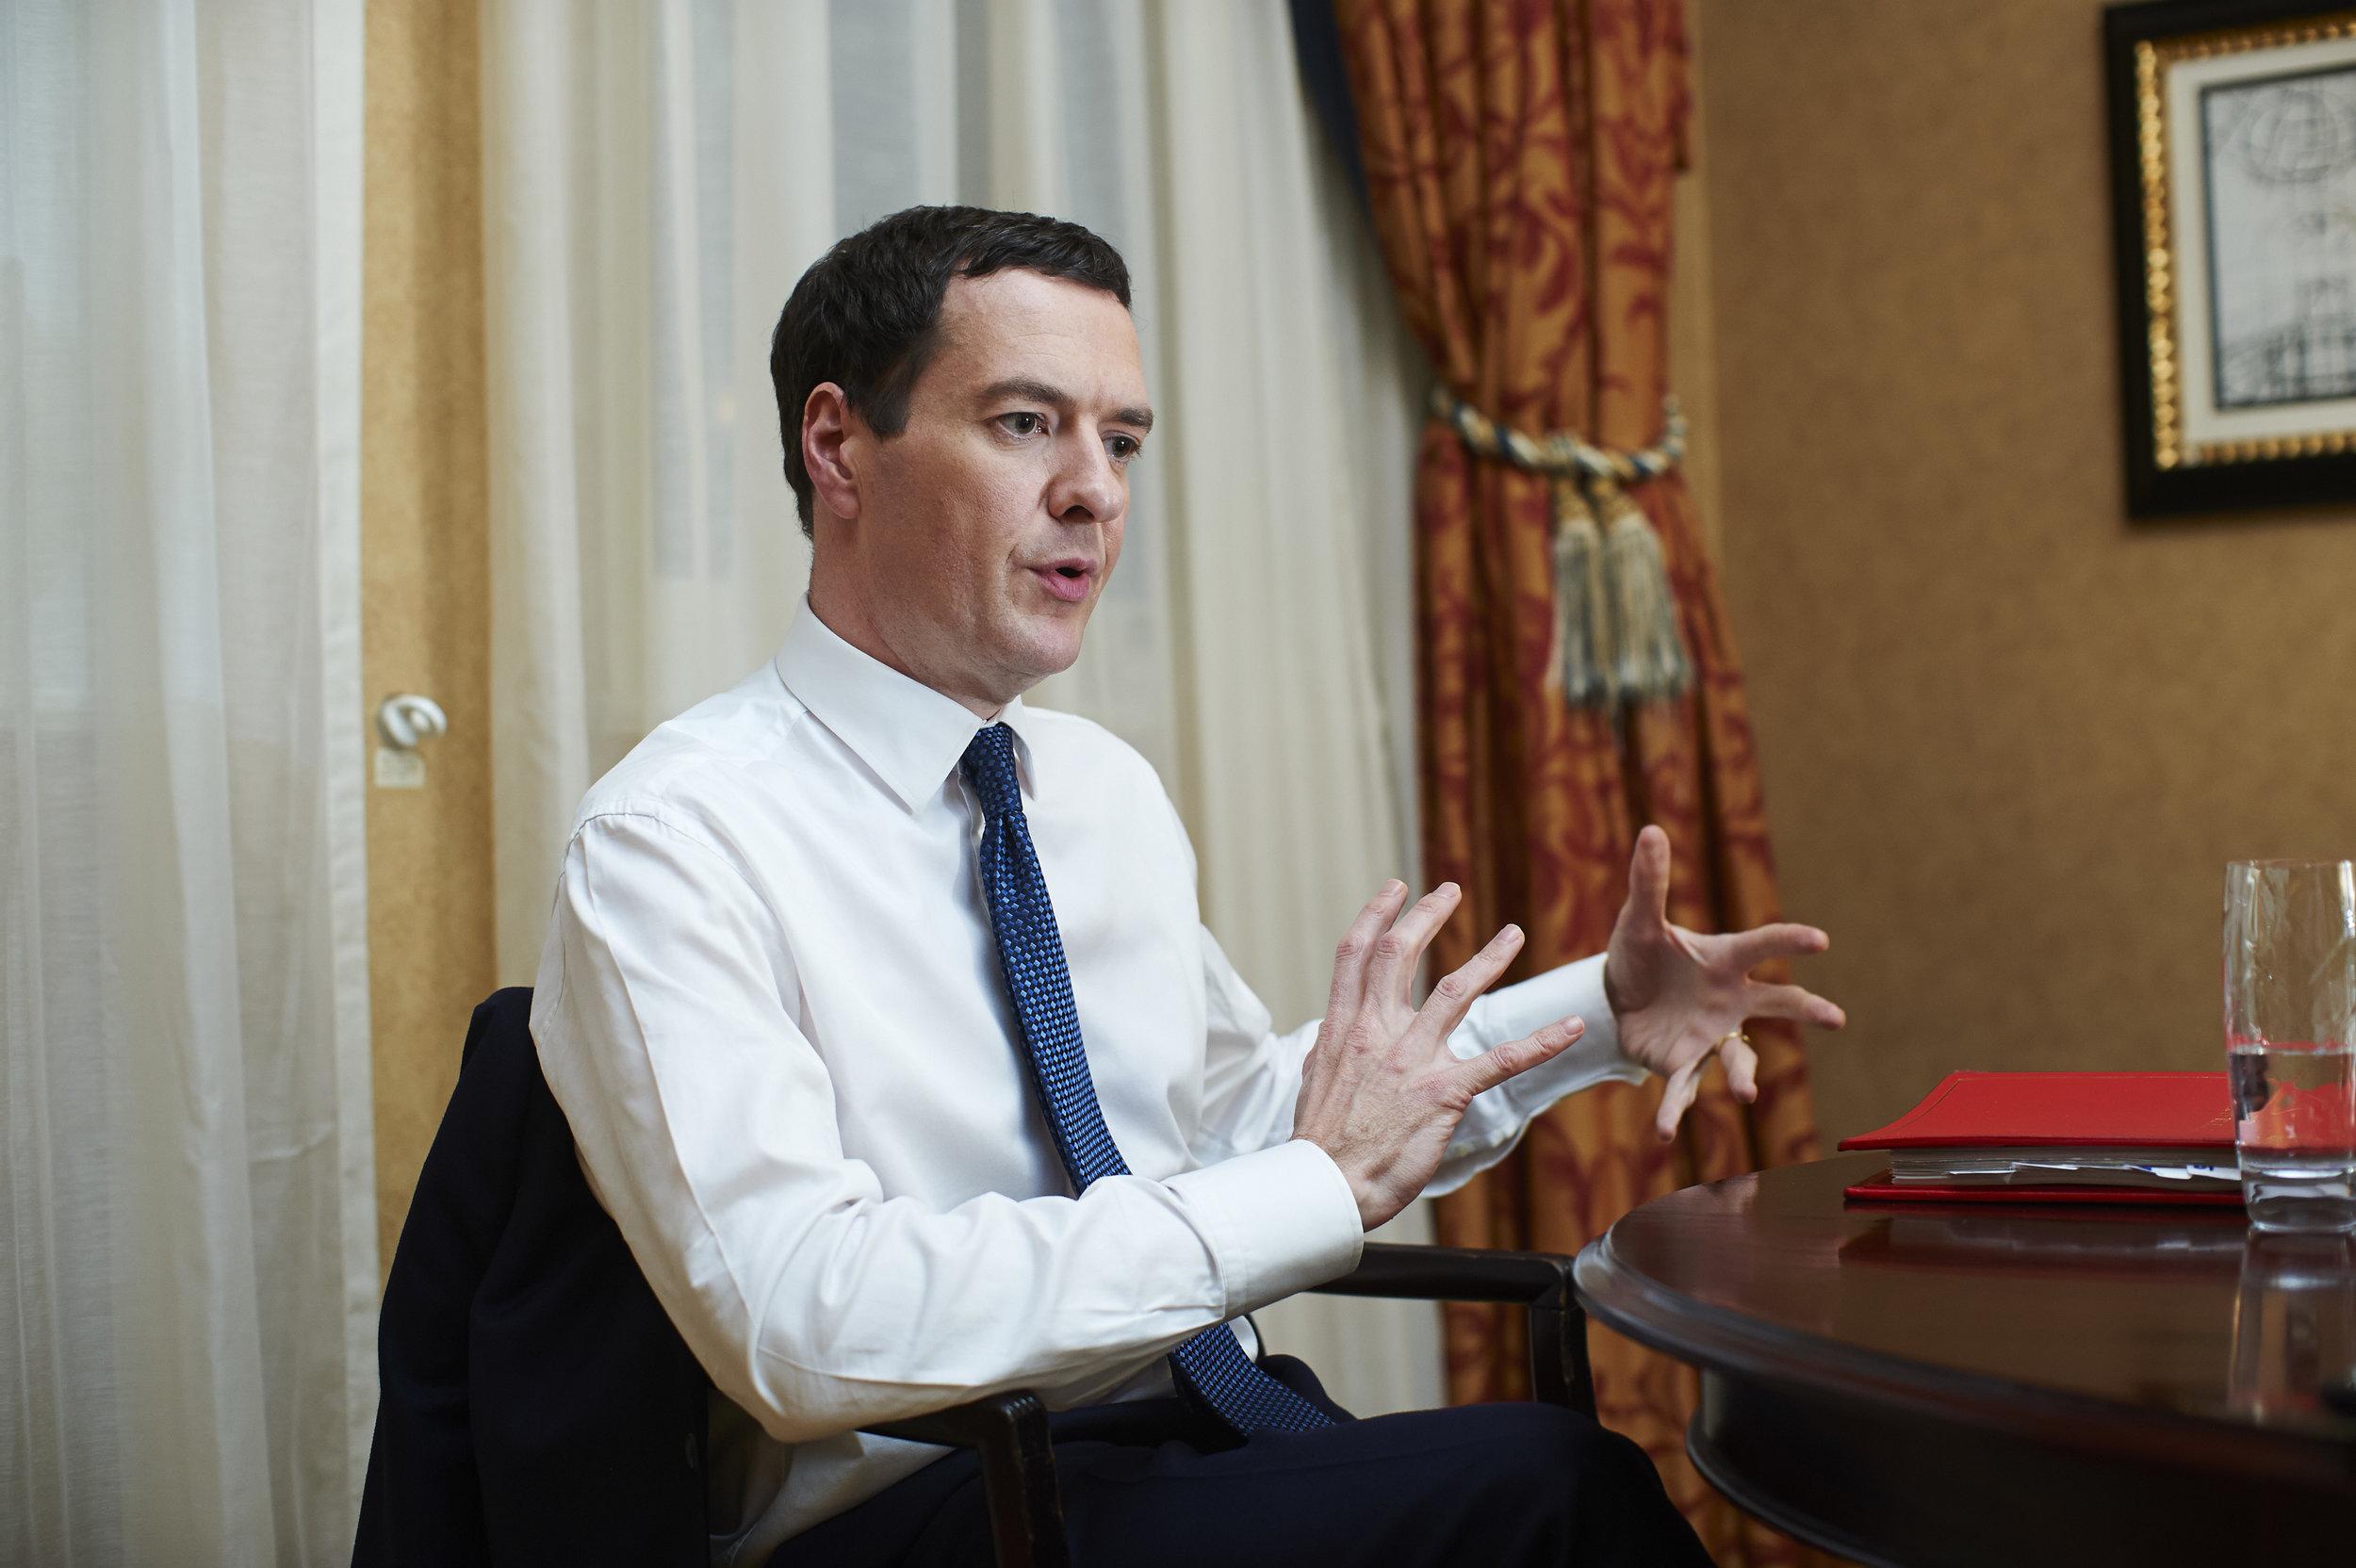 George_Osborne_191.jpg